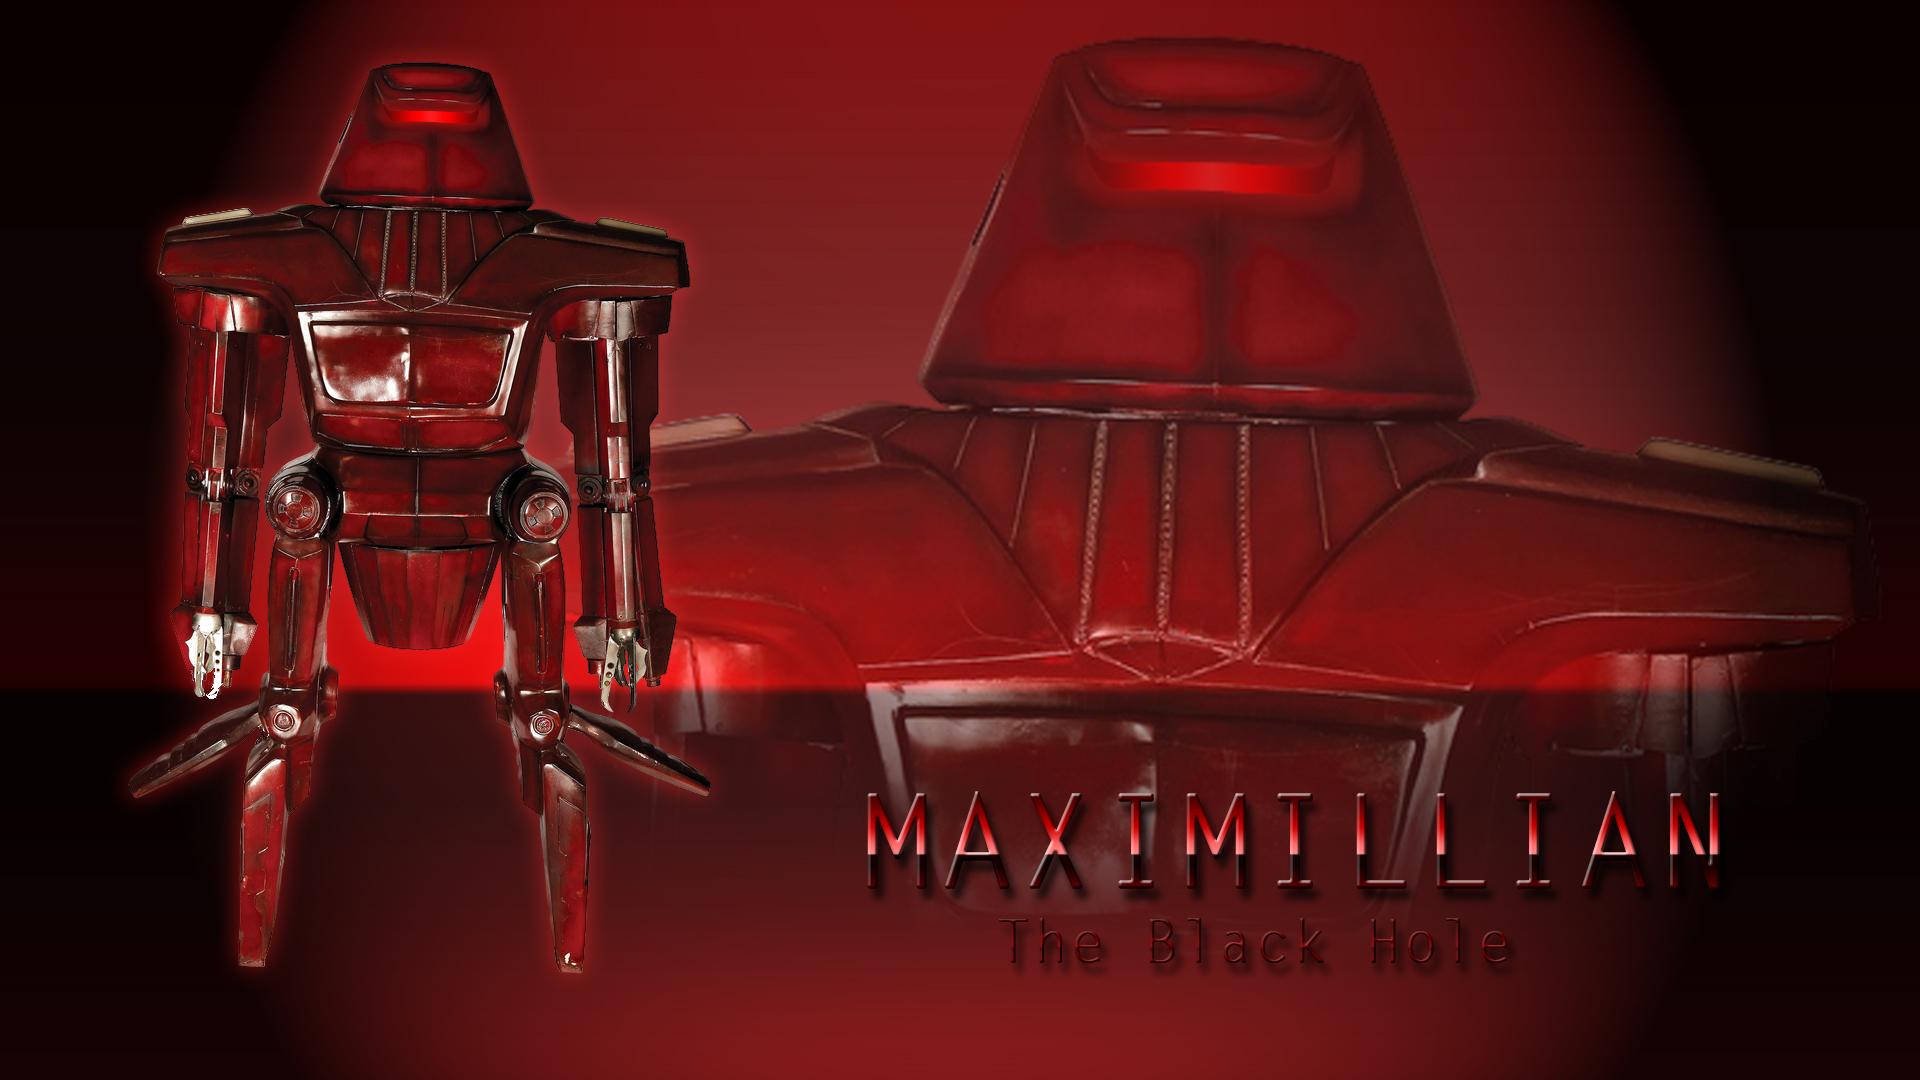 the black hole robot maximillian -#main